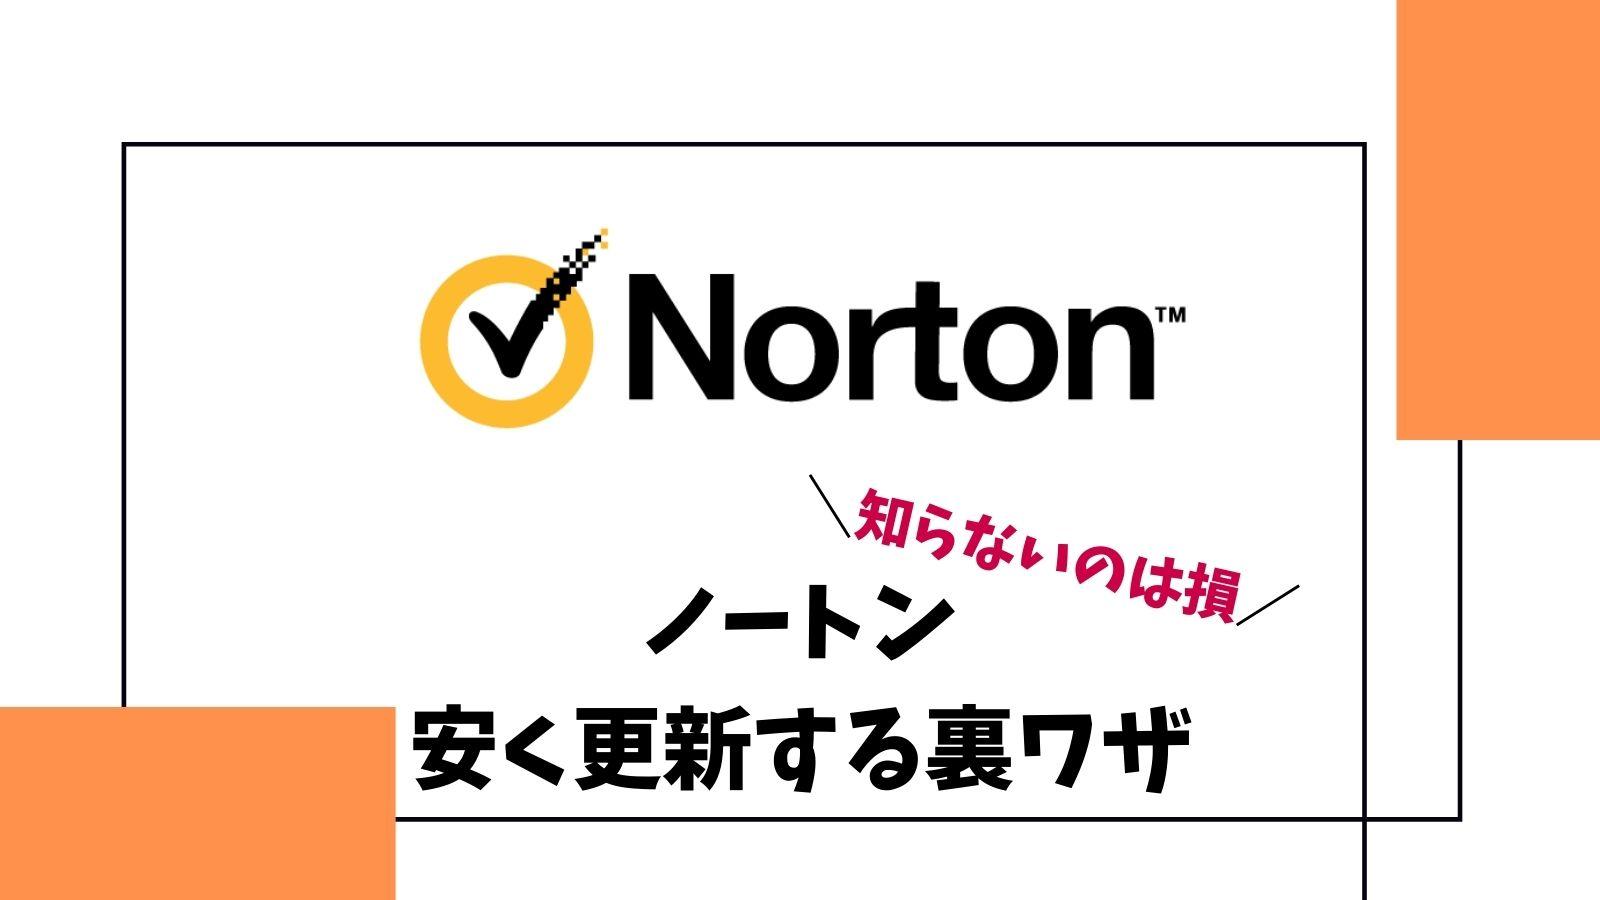 ノートンの自動延長は高い!更新の料金を安くする方法を徹底解説【クーポン付き】